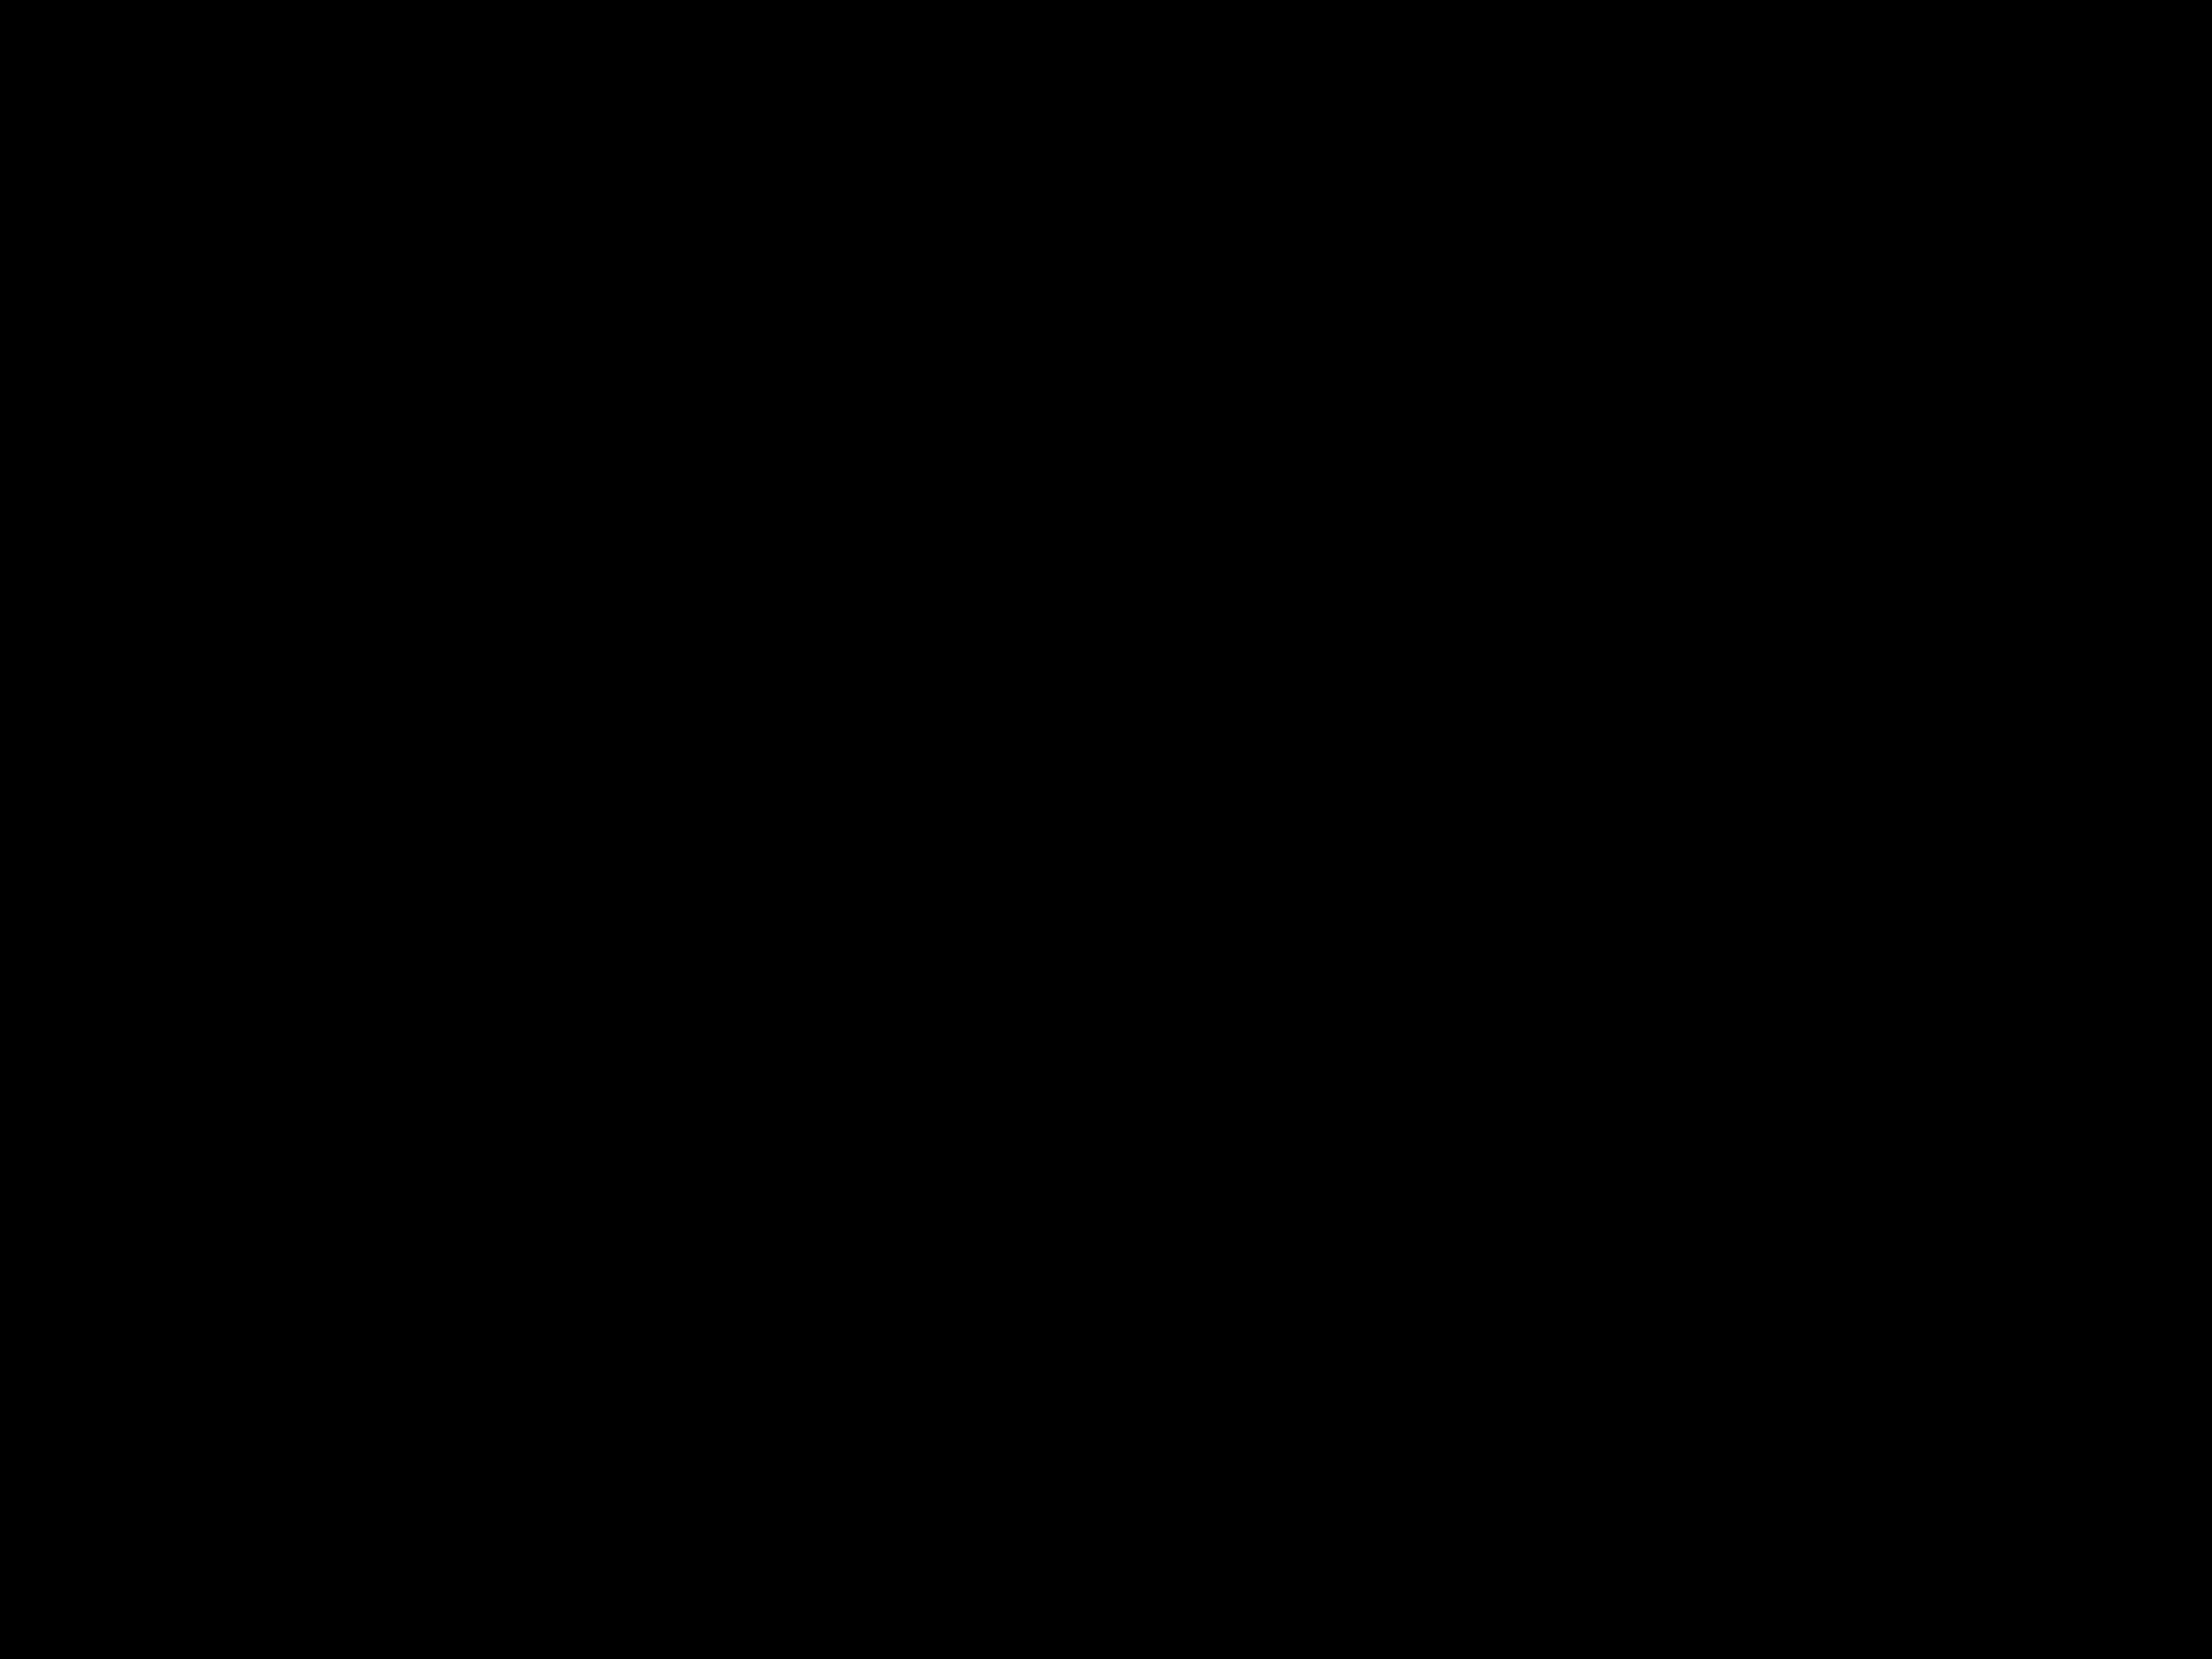 繽紛色彩的家具與壁飾讓空間更有層次,不成套的沙發與抱枕 讓人自然把對注意力,轉移到家人的談話之間。